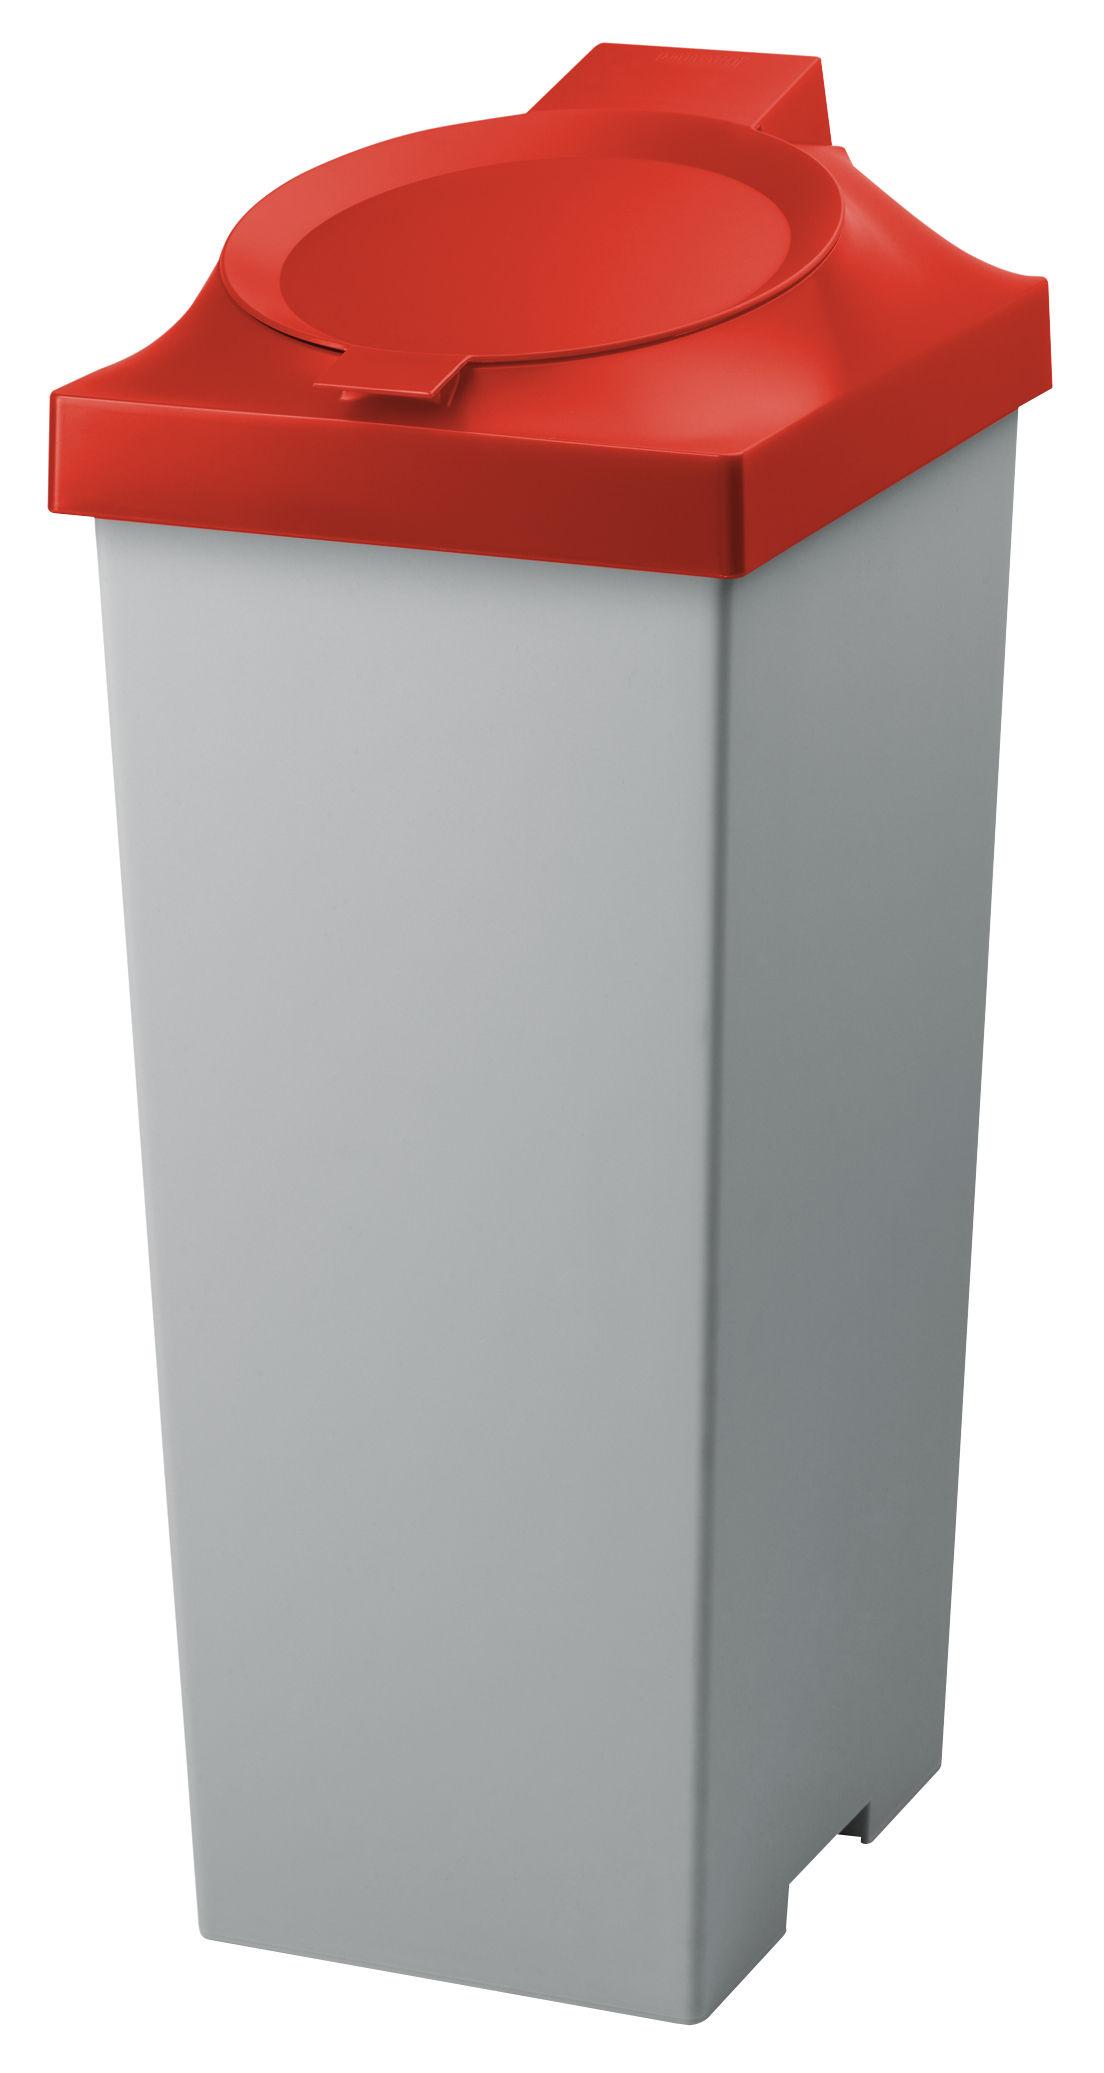 Küche - Mülleimer - Top Mülleimer - Authentics - Rot - Polypropylen